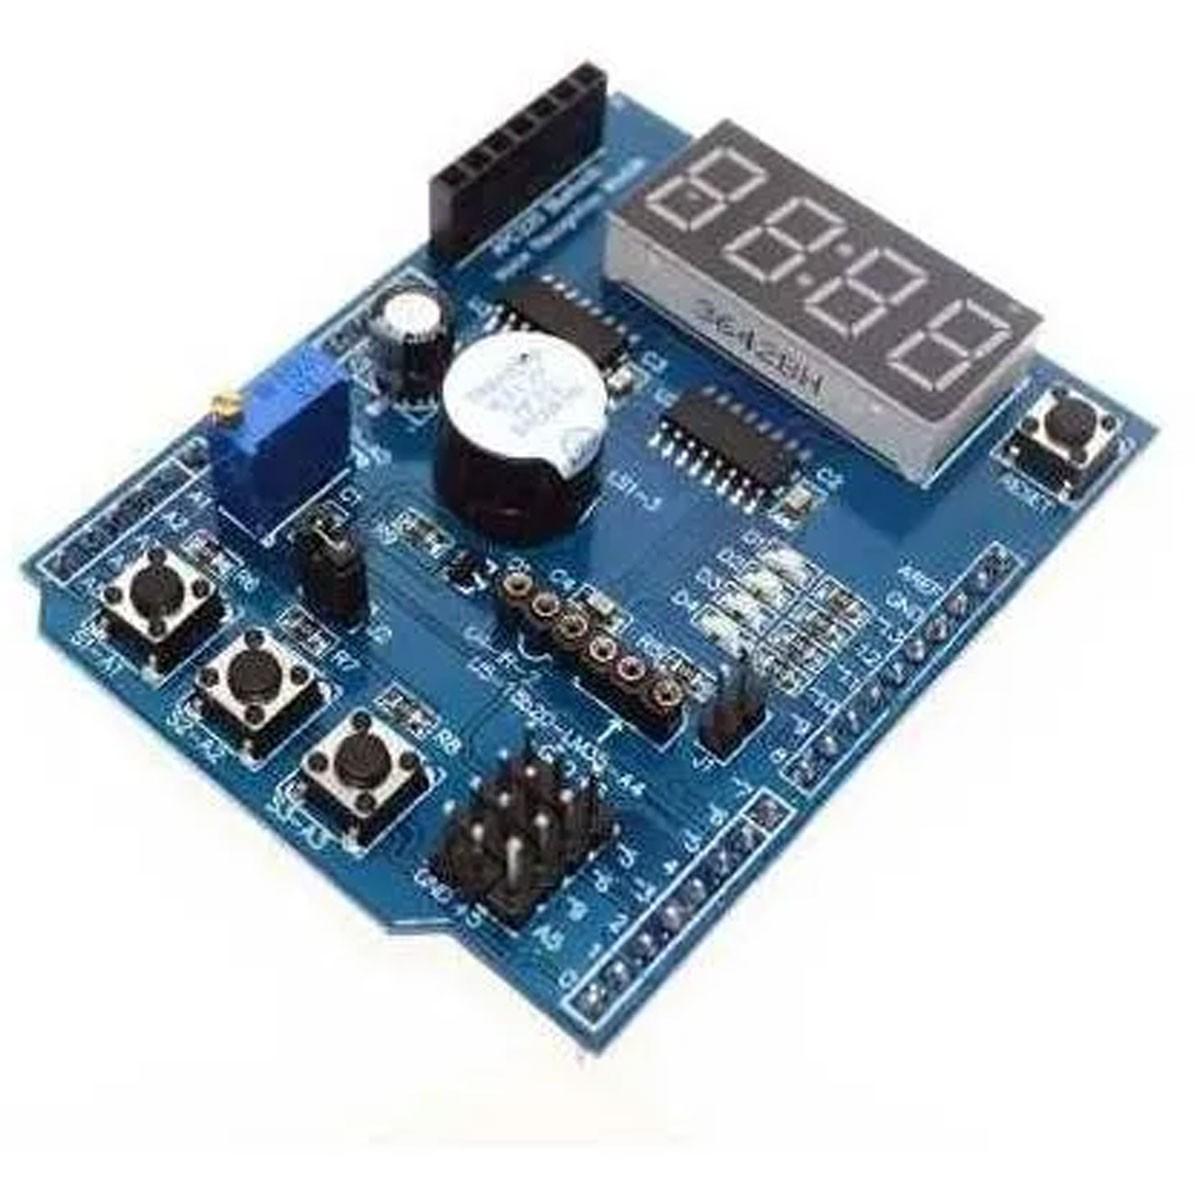 Shield de Aprendizado Eletrônico Multifunção para Leigos - Compatível com Arduino